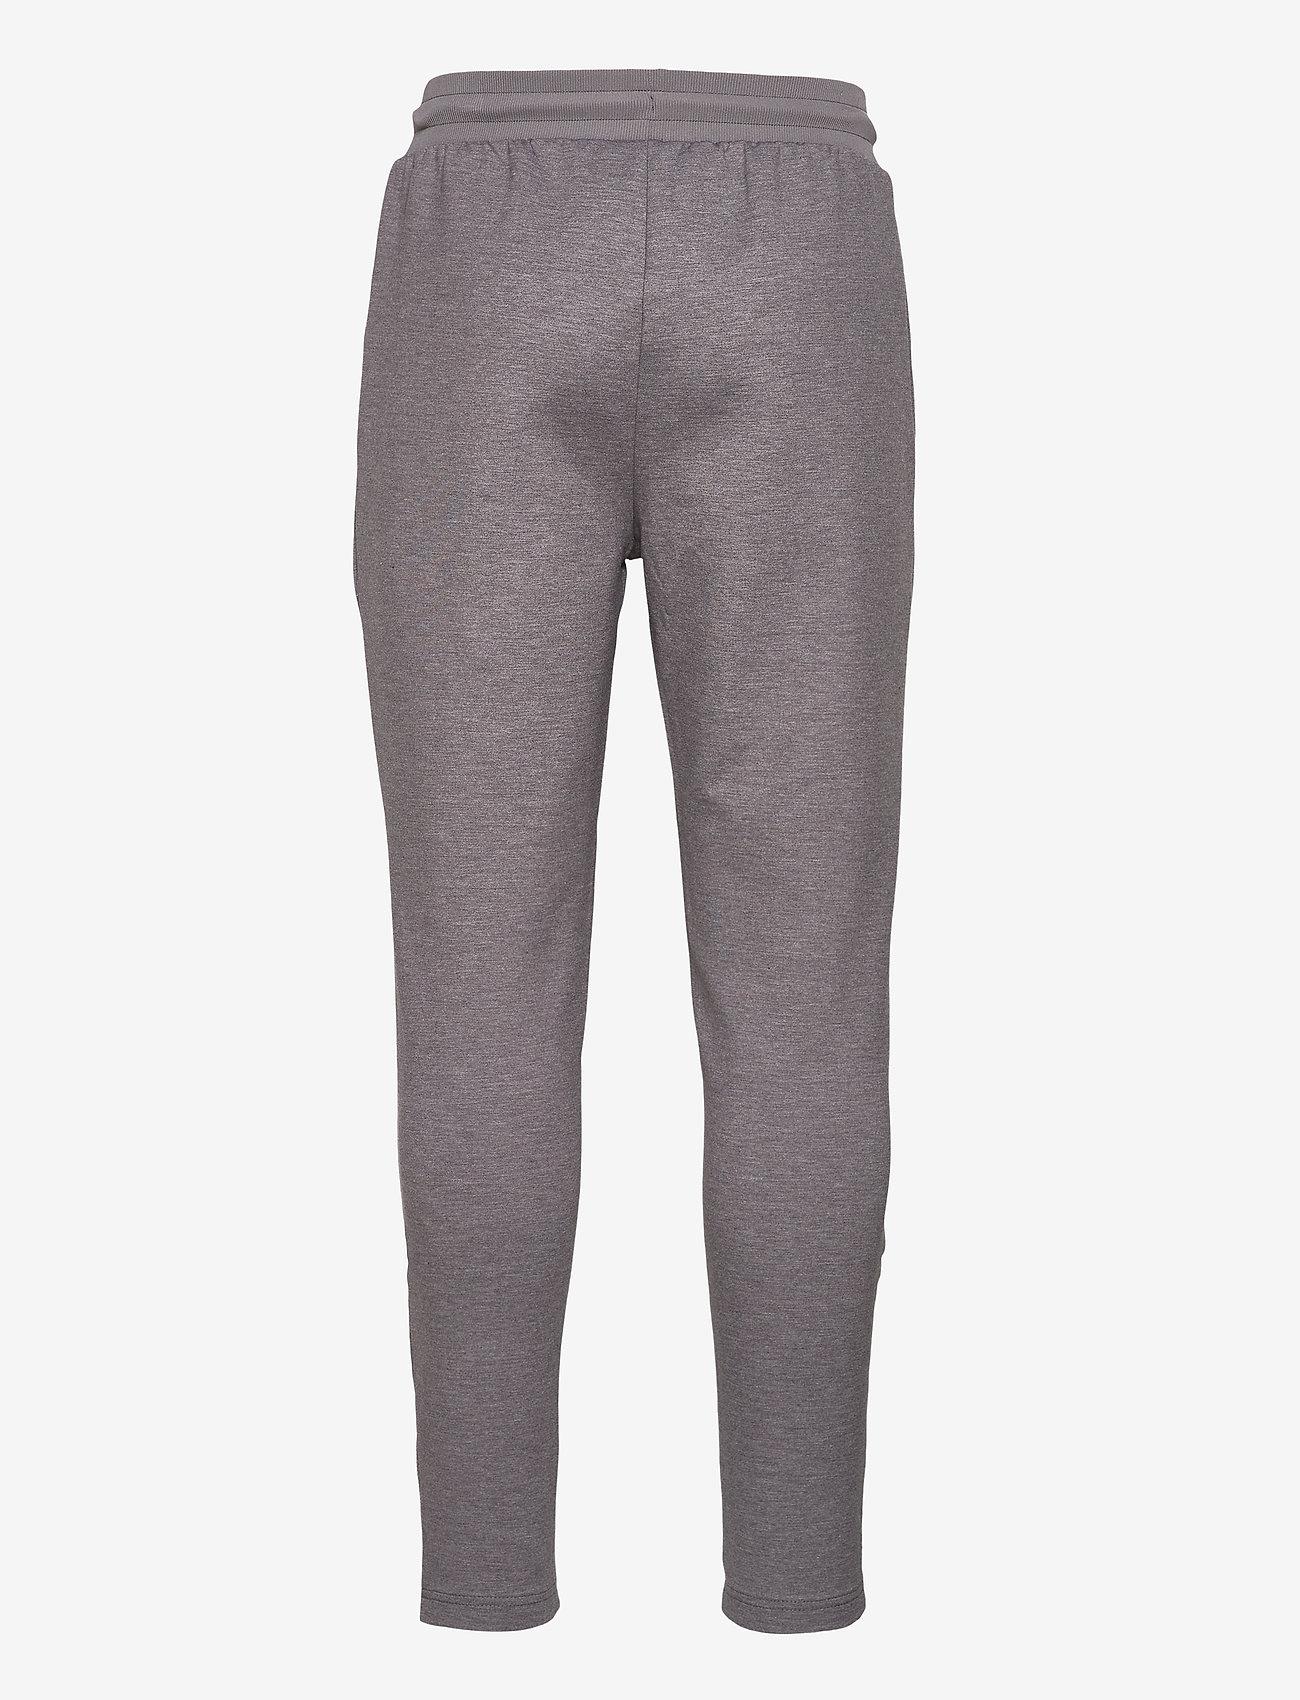 Lyle & Scott Sport - Fly Fleece Trackies - spodnie treningowe - mid grey marl - 1